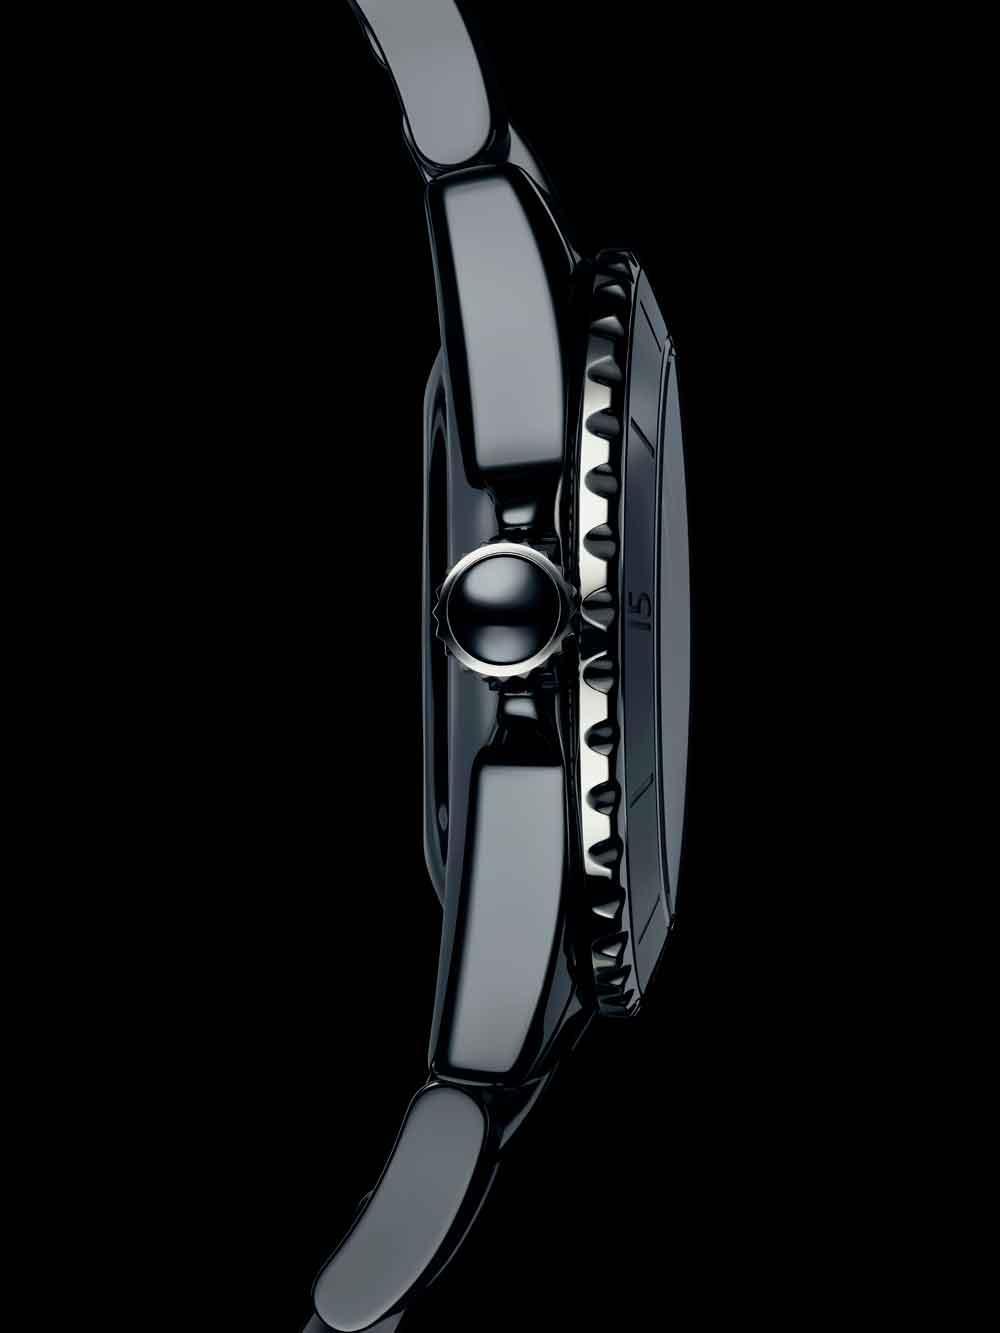 Nueva caja rediseñada reloj J12 de Chanel